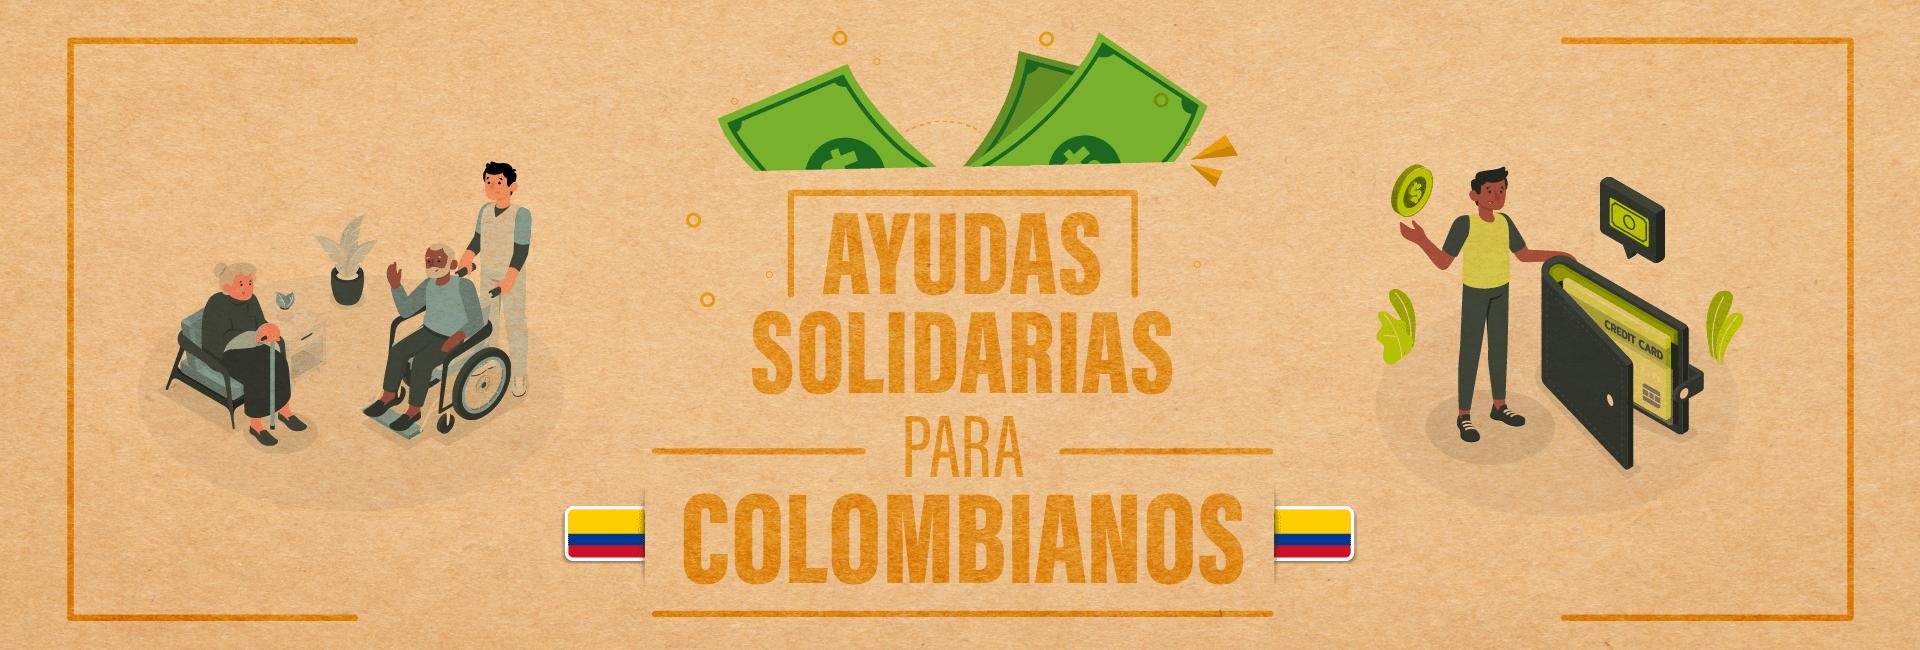 Bogotá solidariat